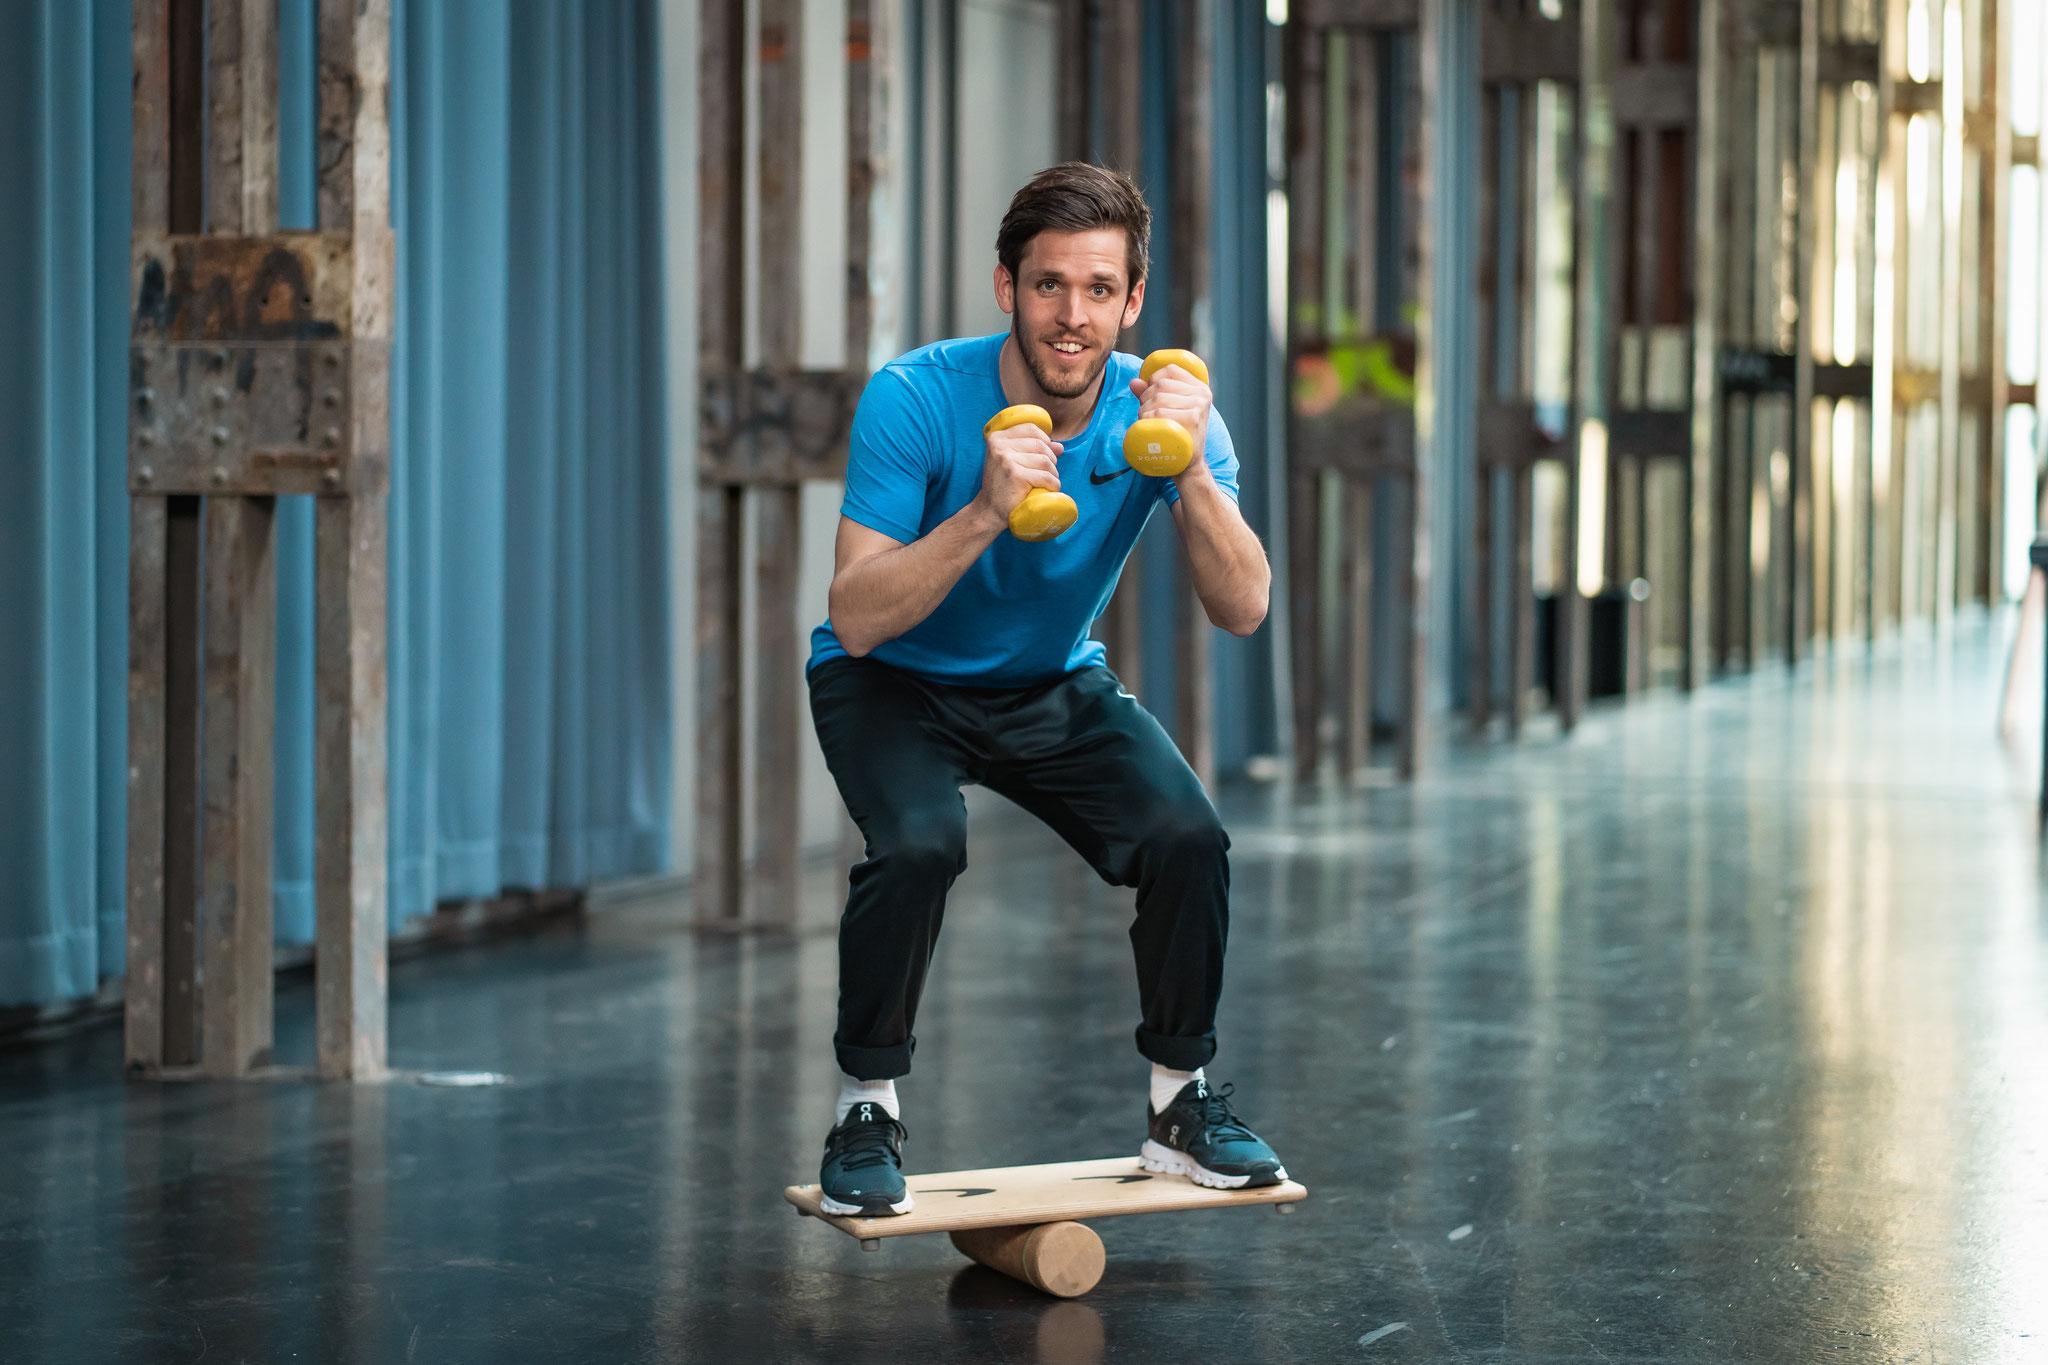 Yannik Schmitter |Sportlehrperson |BSc in Sports Science Uni Bern & MSc of Arts FHNW in Secondary Education |aus Aarau